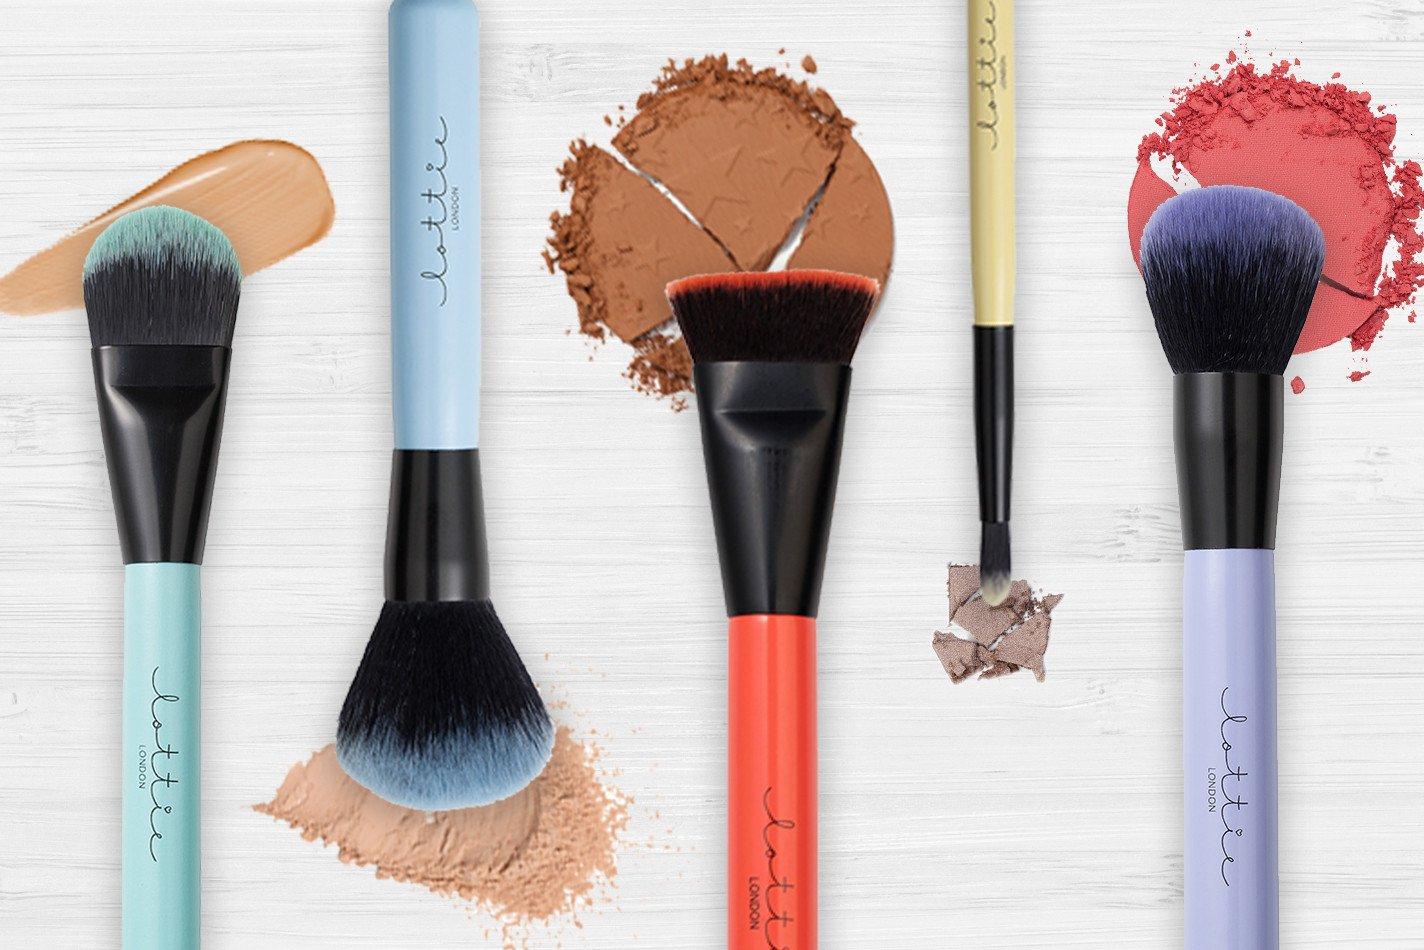 Pulizia Beauty Blender & Co.: I miei metodi preferiti per ...